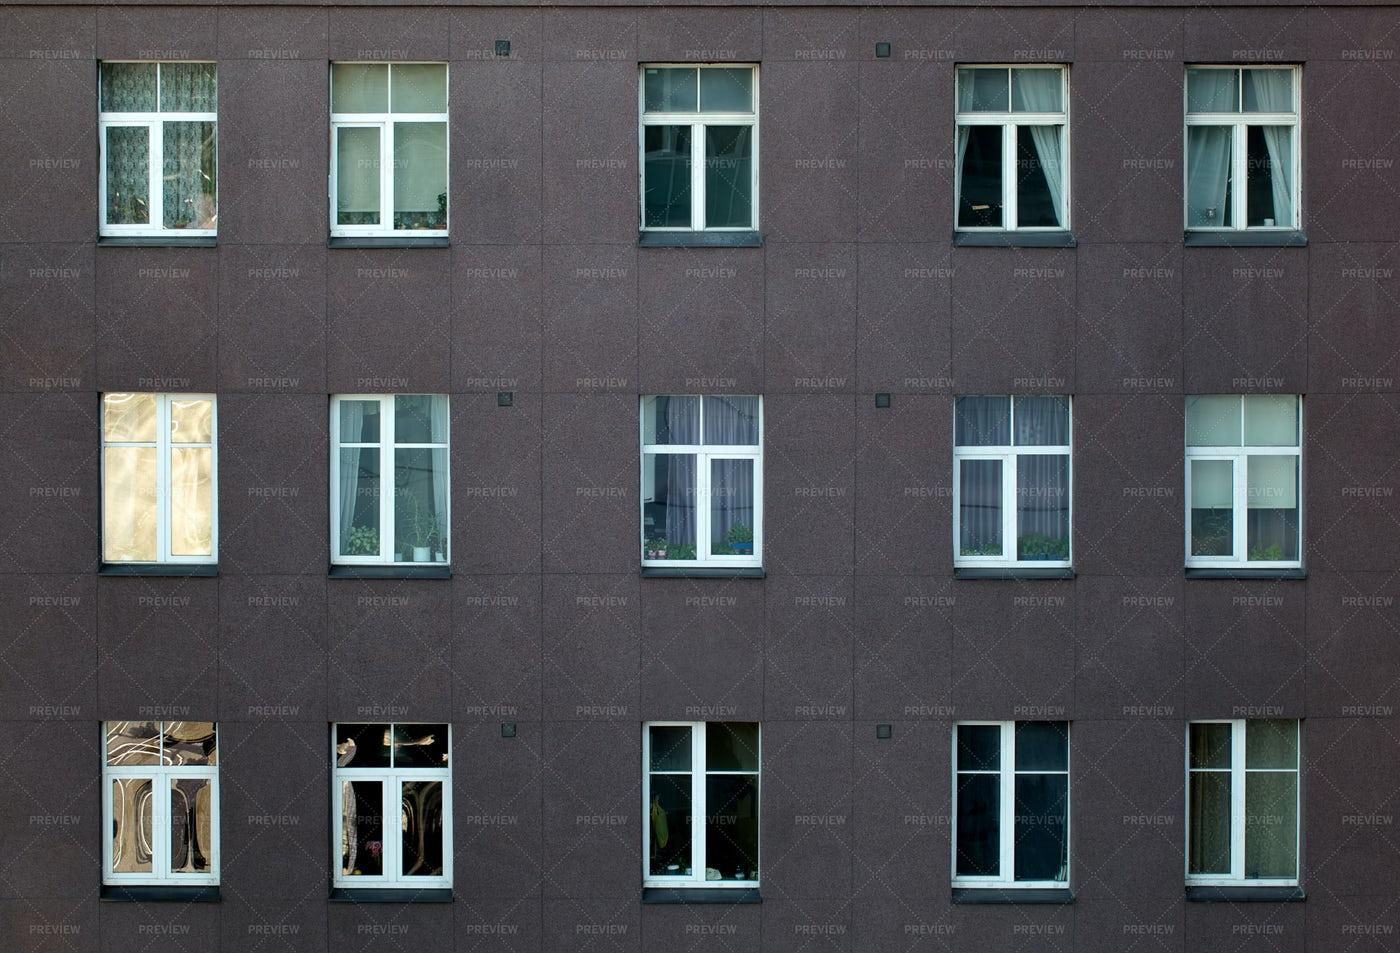 Apartment Block Exterior: Stock Photos